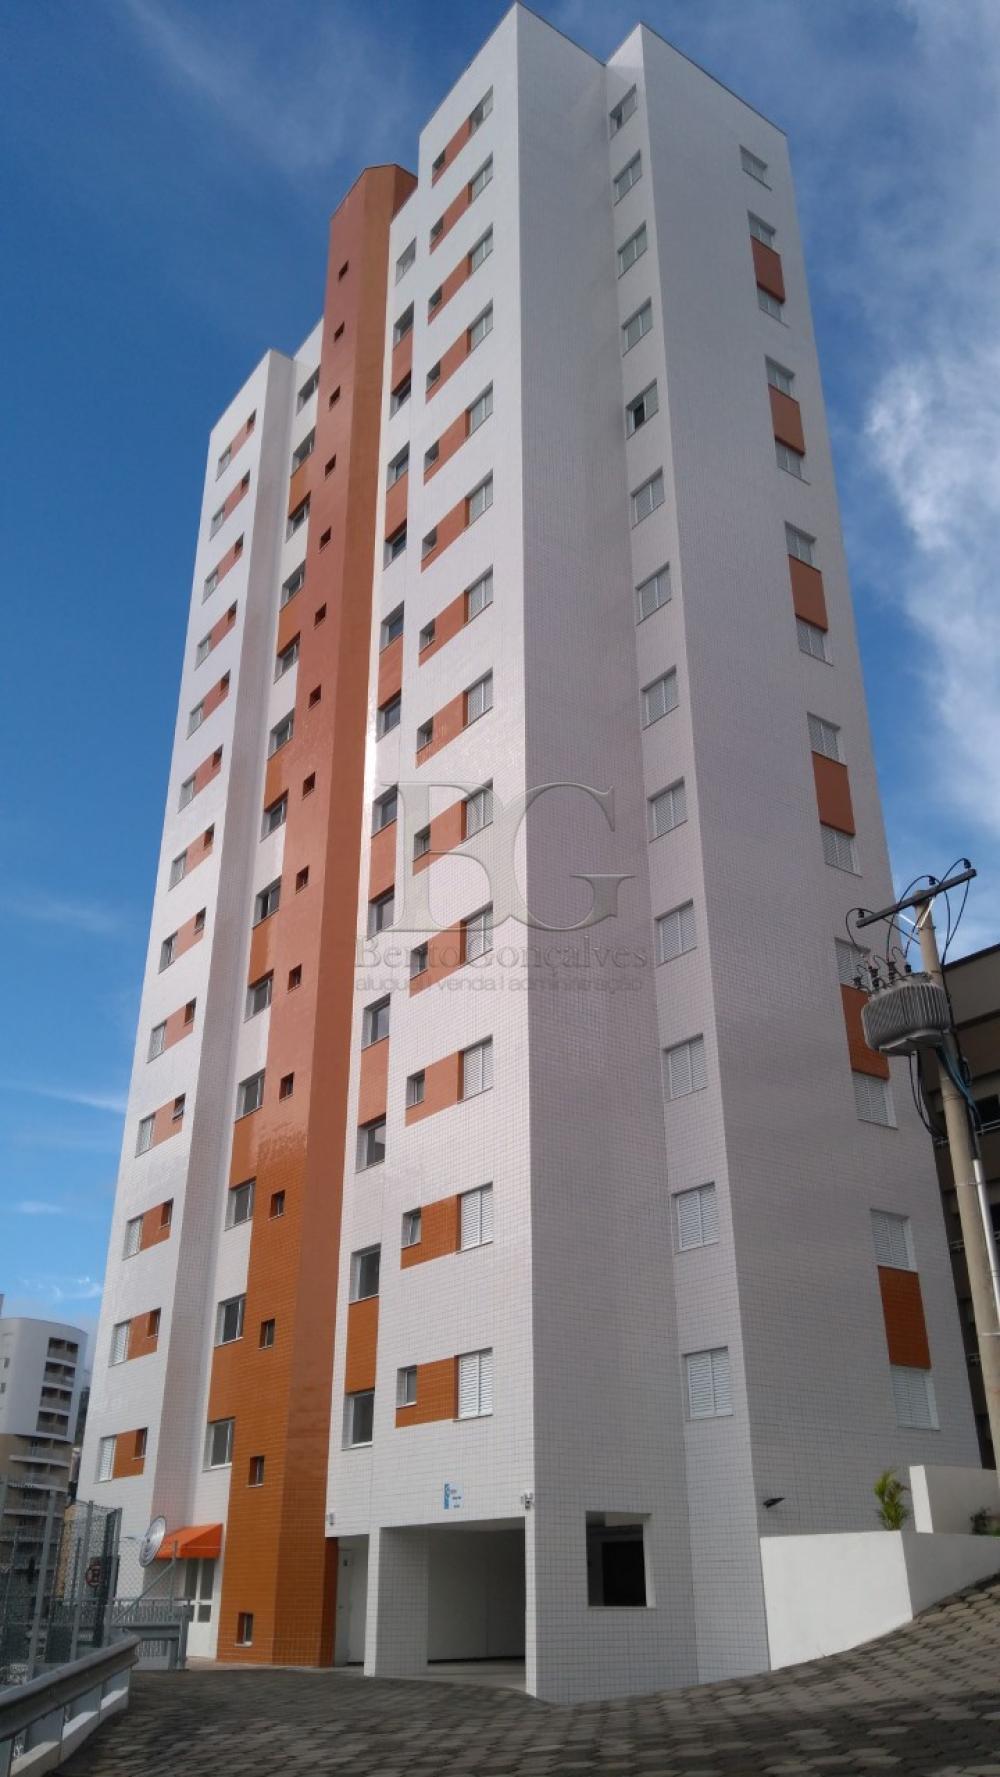 Pocos de Caldas Apartamento Locacao R$ 1.250,00 Condominio R$360,00 3 Dormitorios 1 Suite Area do terreno 0.01m2 Area construida 0.01m2